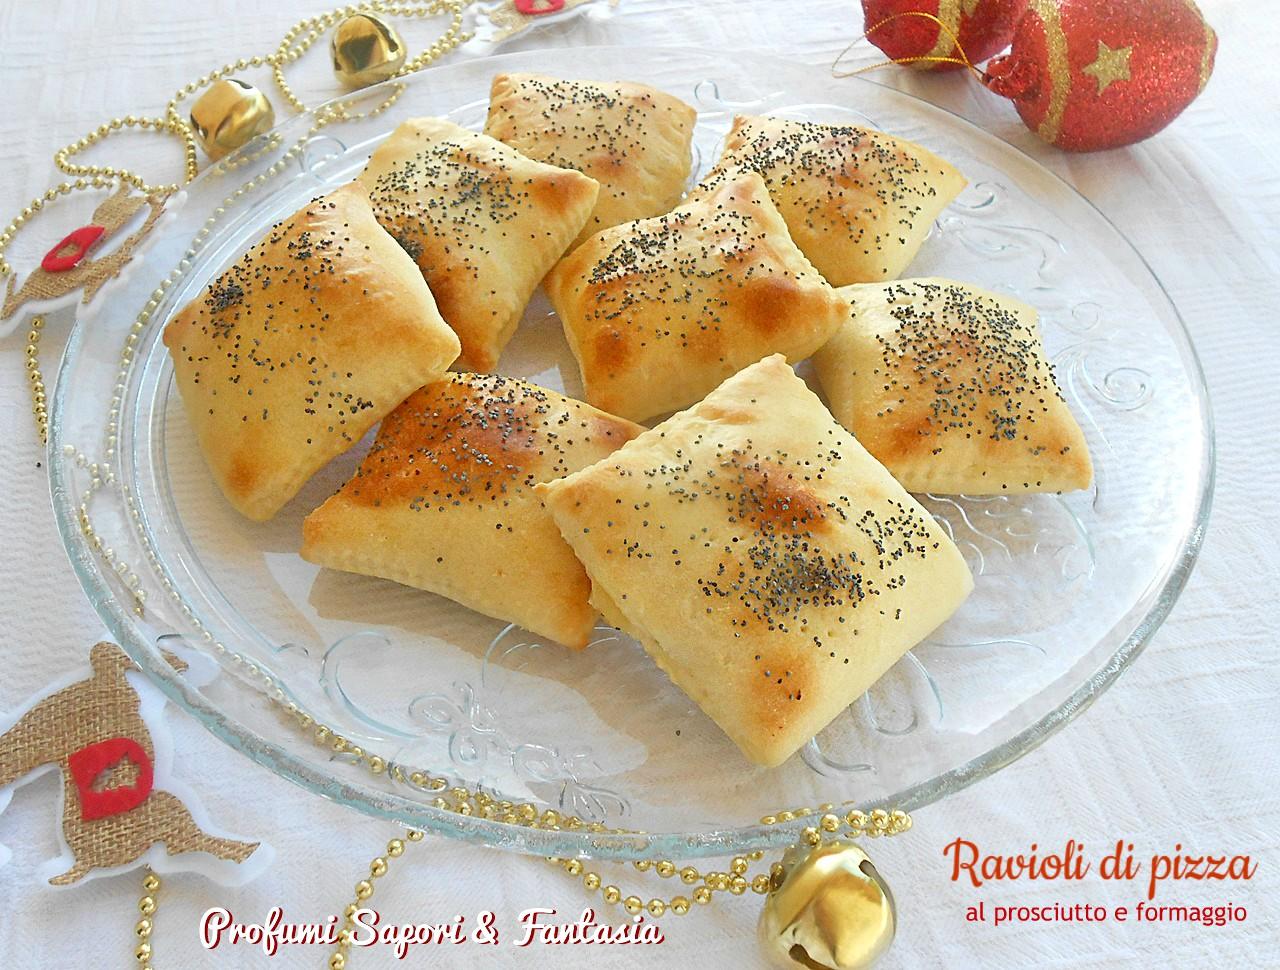 ravioli di pizza al prosciutto e formaggio